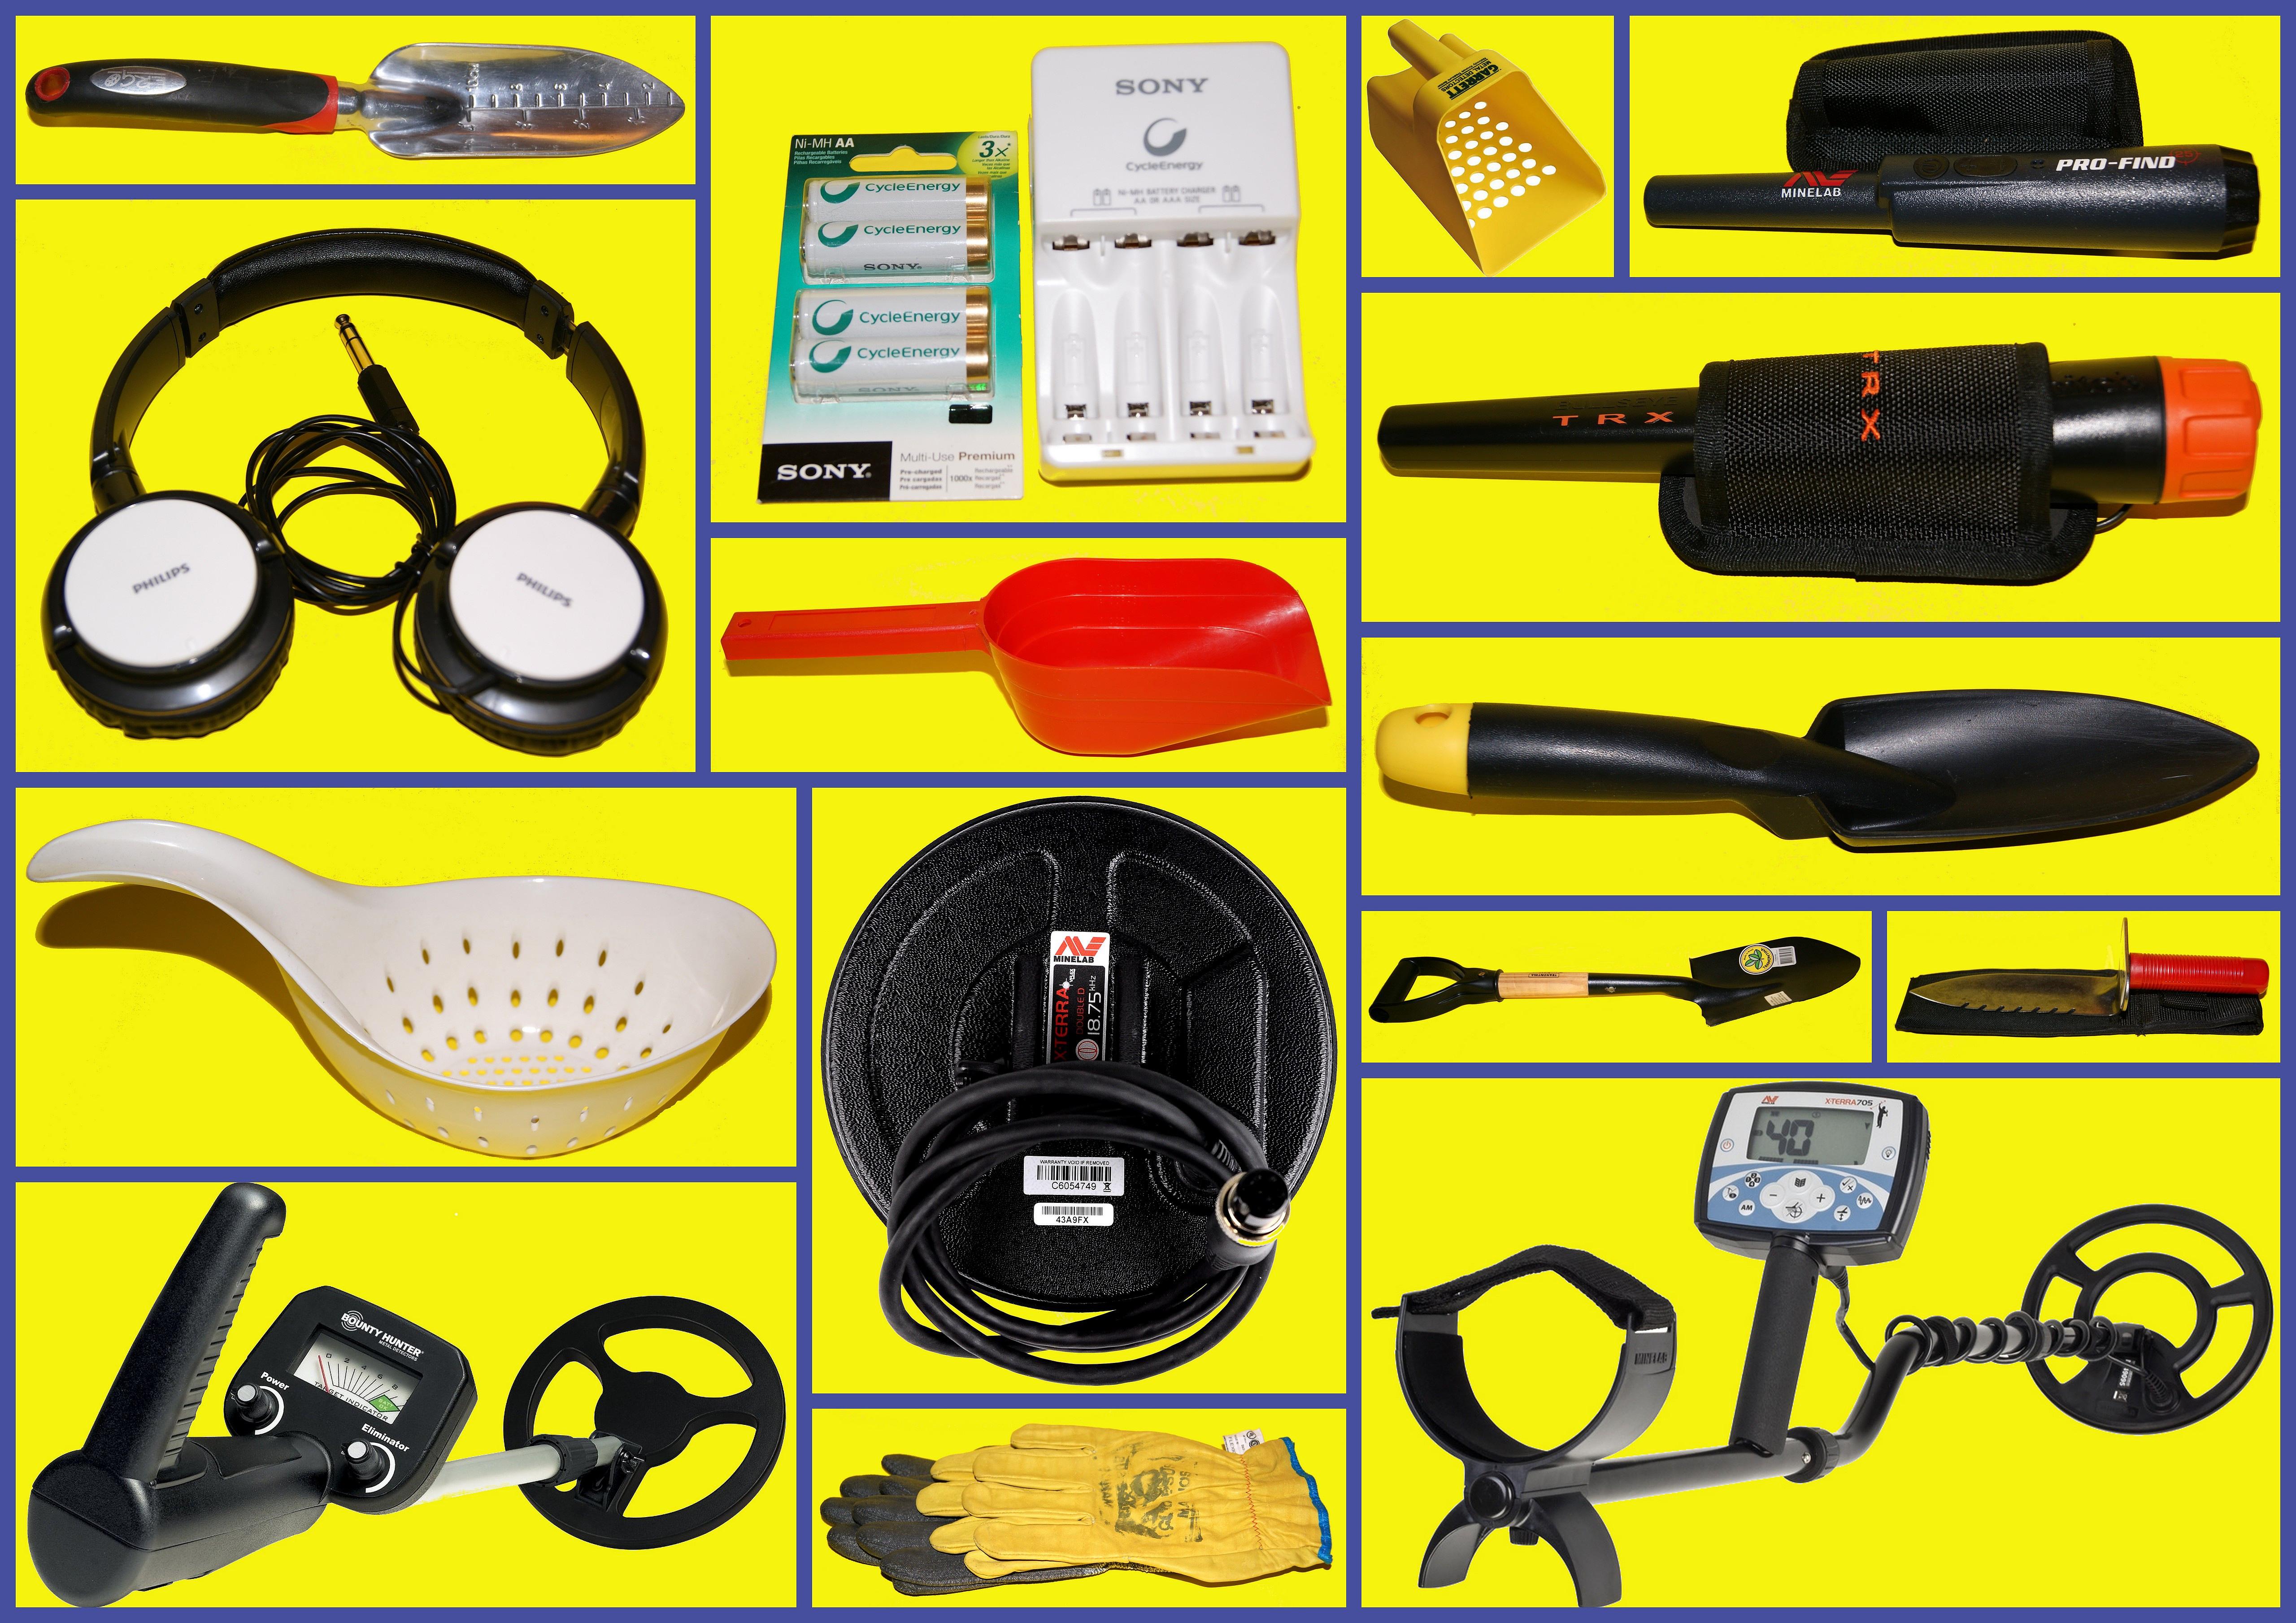 Mis Equipos Y accesorios F1304f605ad481ea38988c543cde96c3o